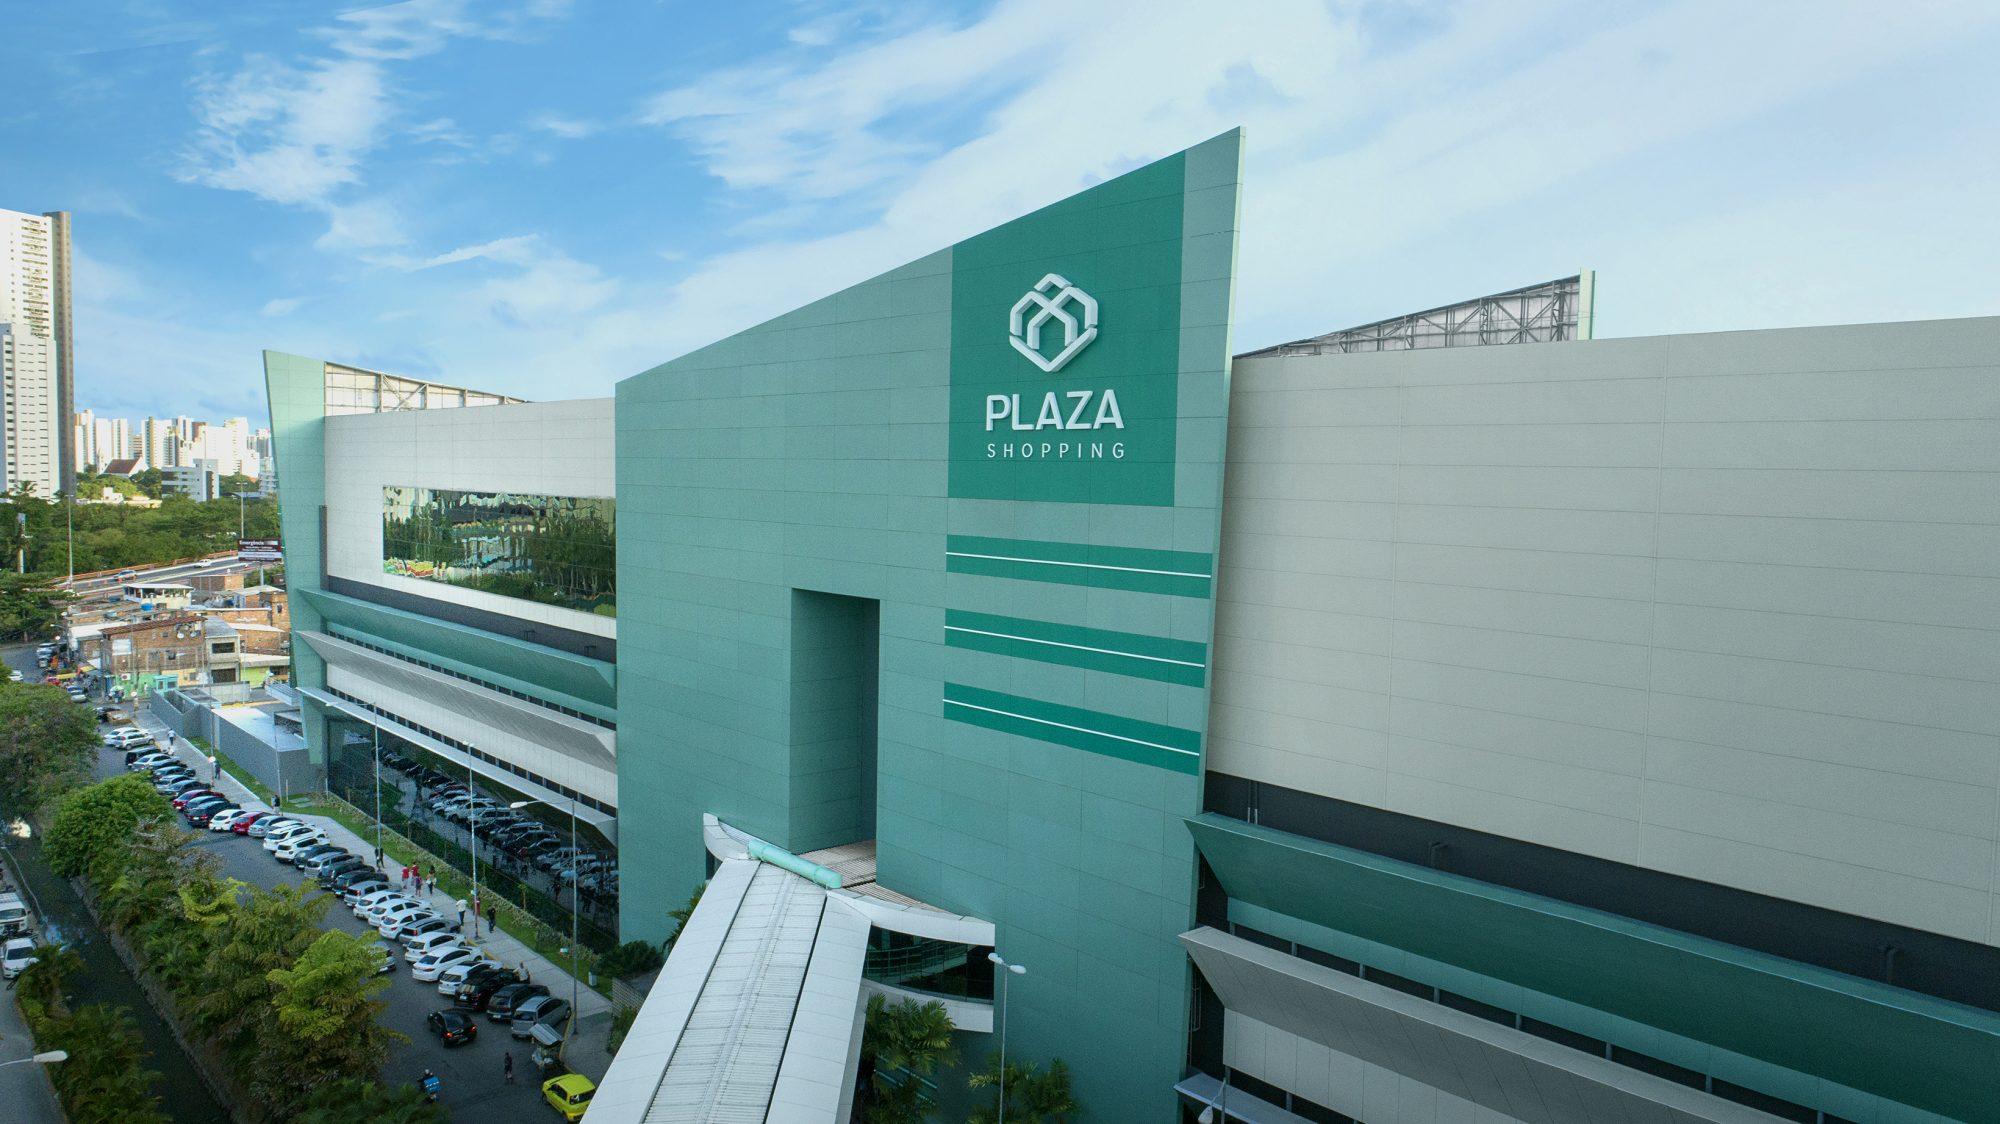 Plaza Shopping reabre com horário especial nesta quinta (1°/4)